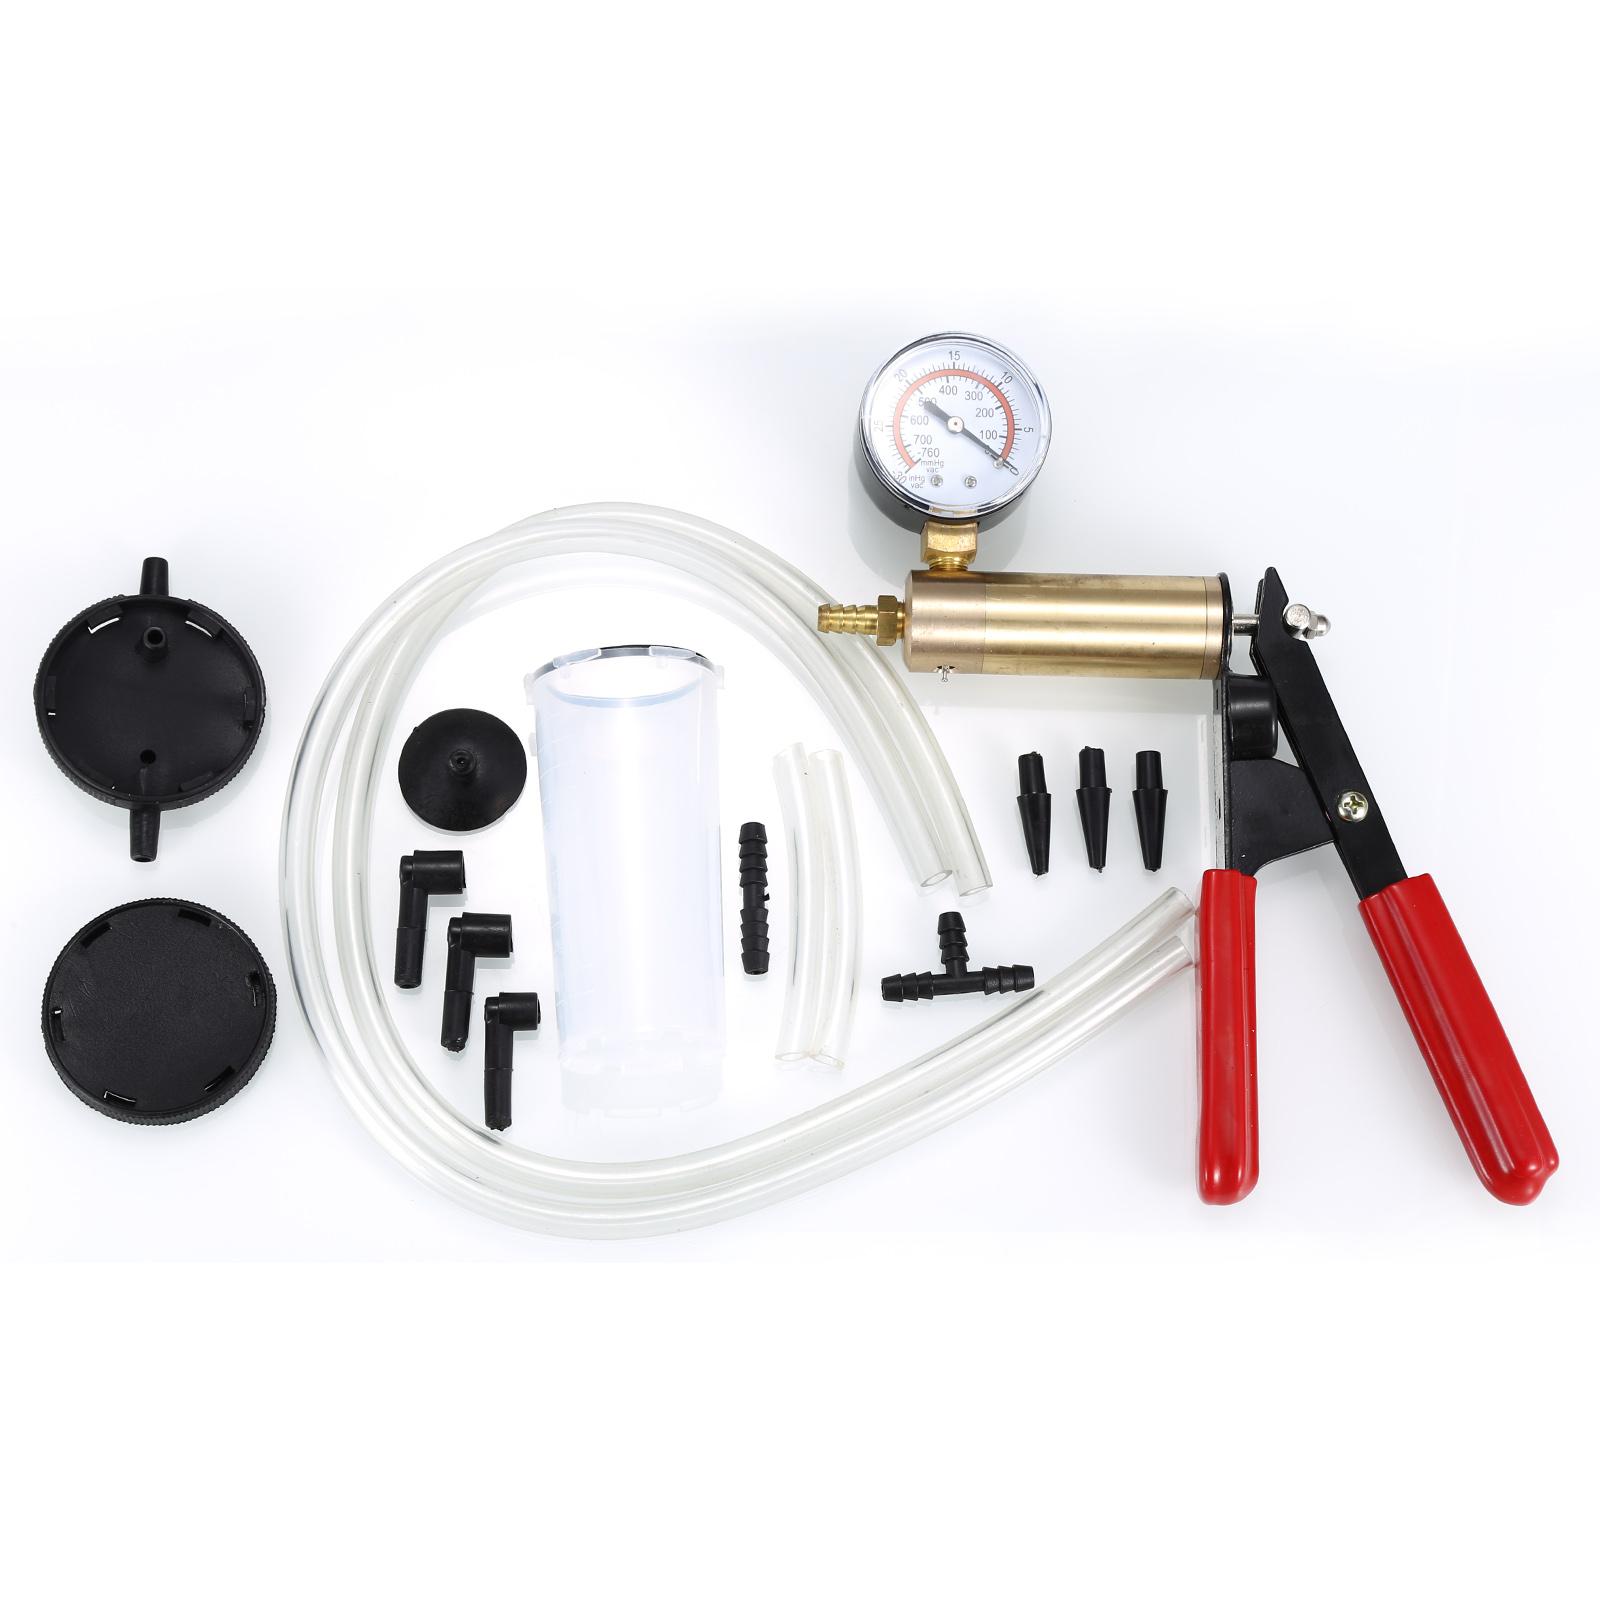 pompe d pression appareil de purge manuelle pompe vide voitures automobiles ebay. Black Bedroom Furniture Sets. Home Design Ideas